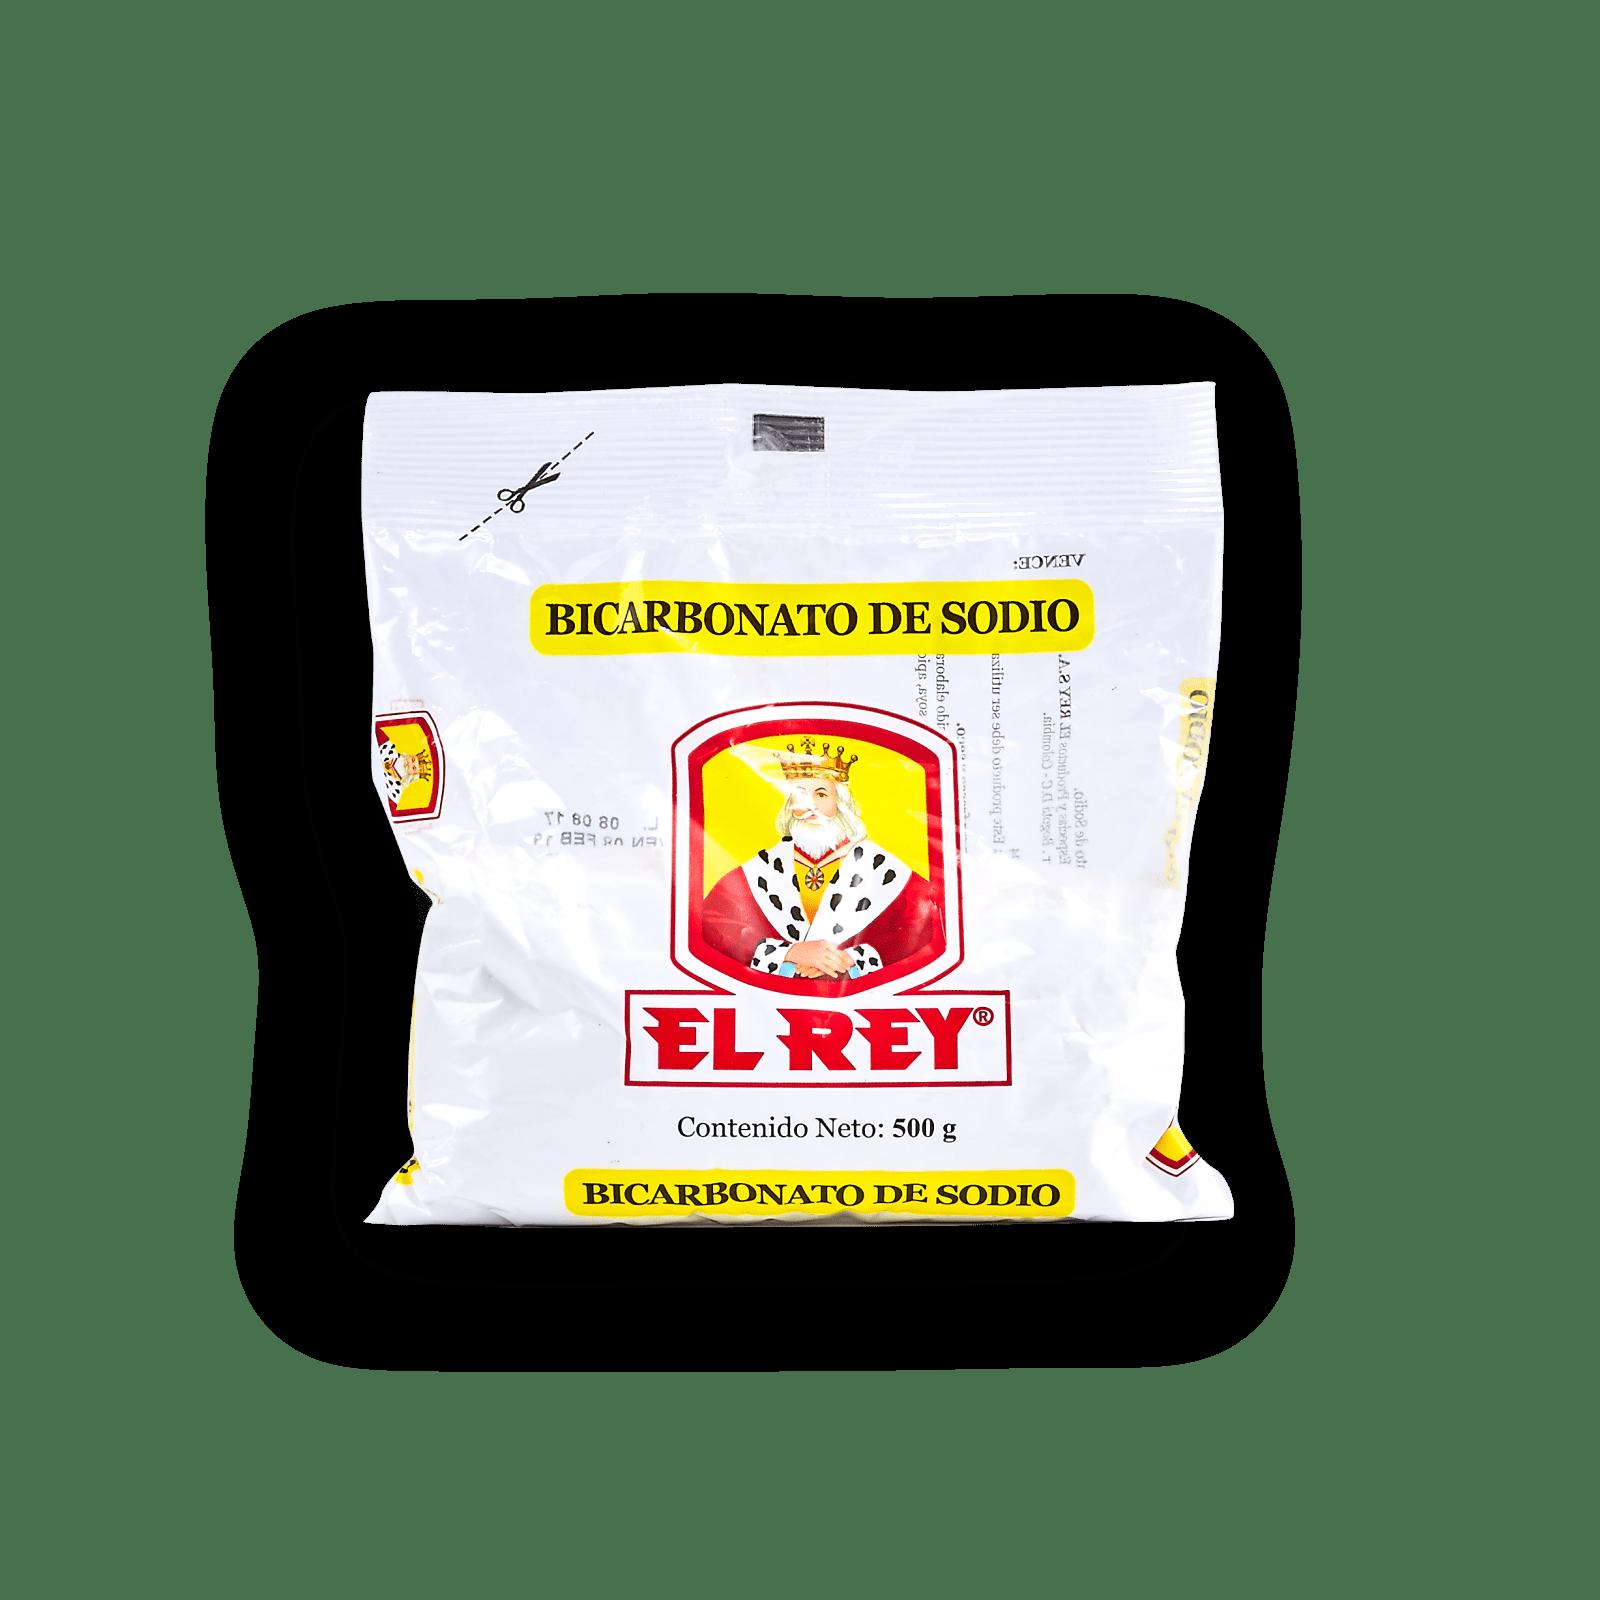 Bicarbonato De Sodio El Rey